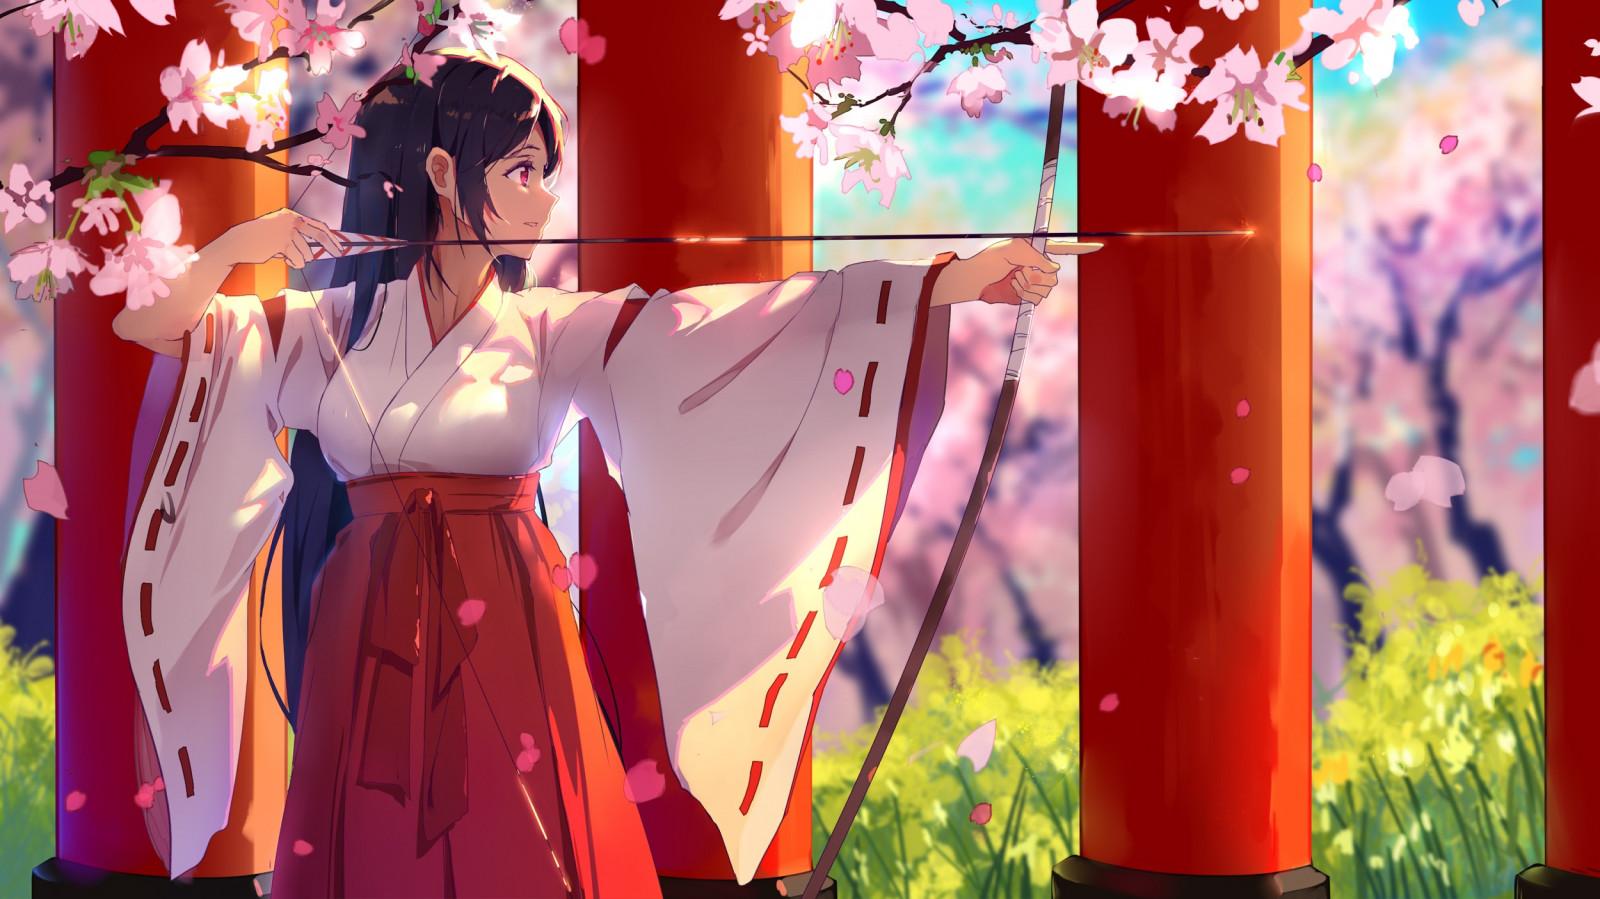 Anime Anime cô gái Brunette cây cung mắt đỏ Hoa anh đào Kimono Nhật Bản Hồng Mũi tên Mùa xuân Miko Màu đỏ tươi Geisha NGHỆ THUẬT hoa thực vật Cánh hoa Trang phục Truyền thống Đồ họa Hình nền máy tính